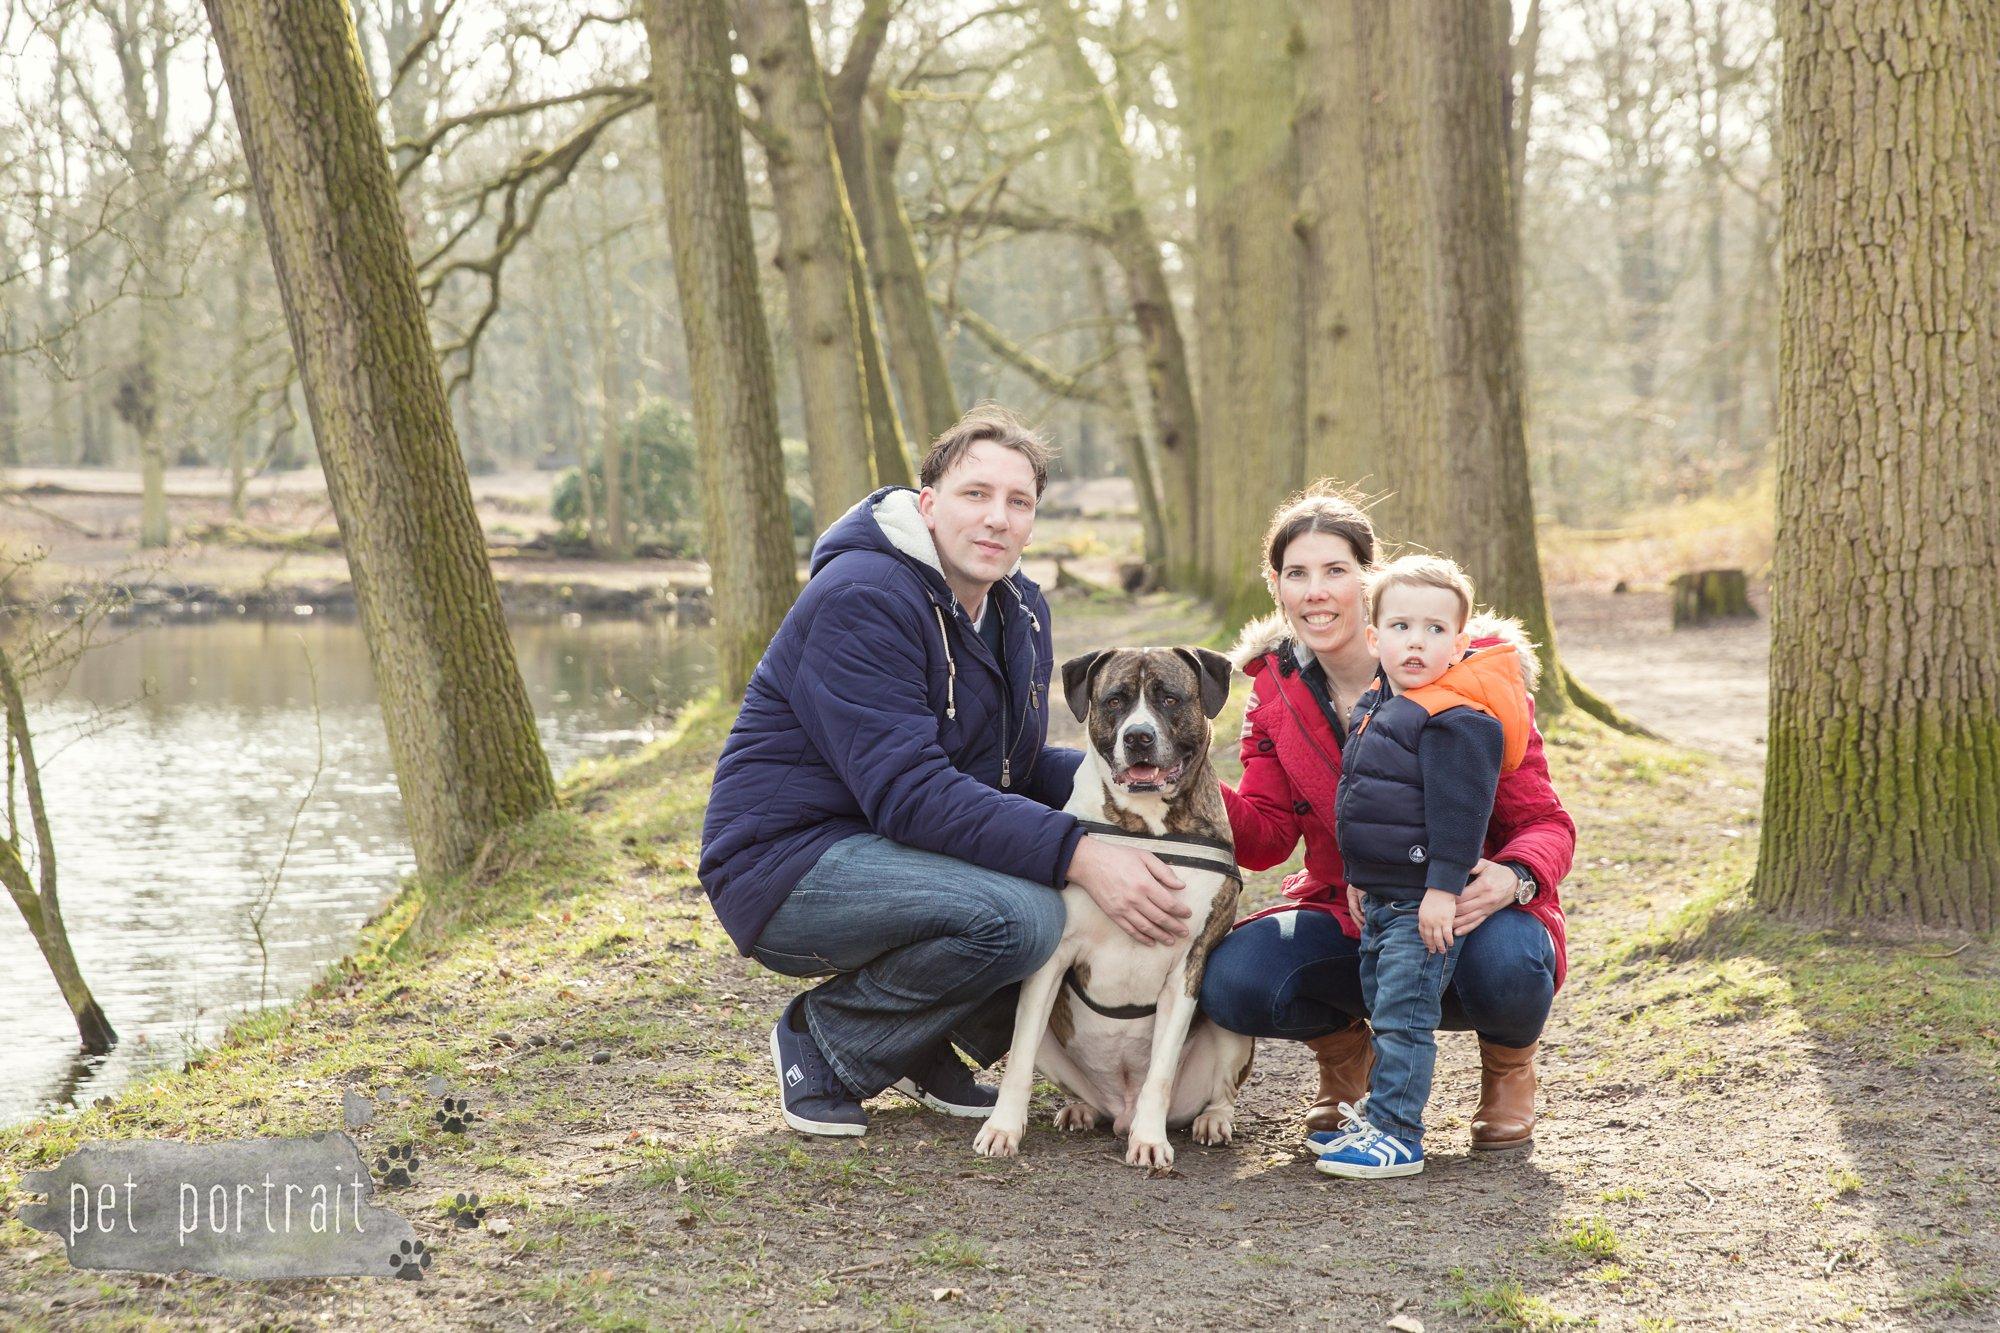 Hondenfotograaf Heemstede - Dier en Baasje fotoshoot in het bos-5